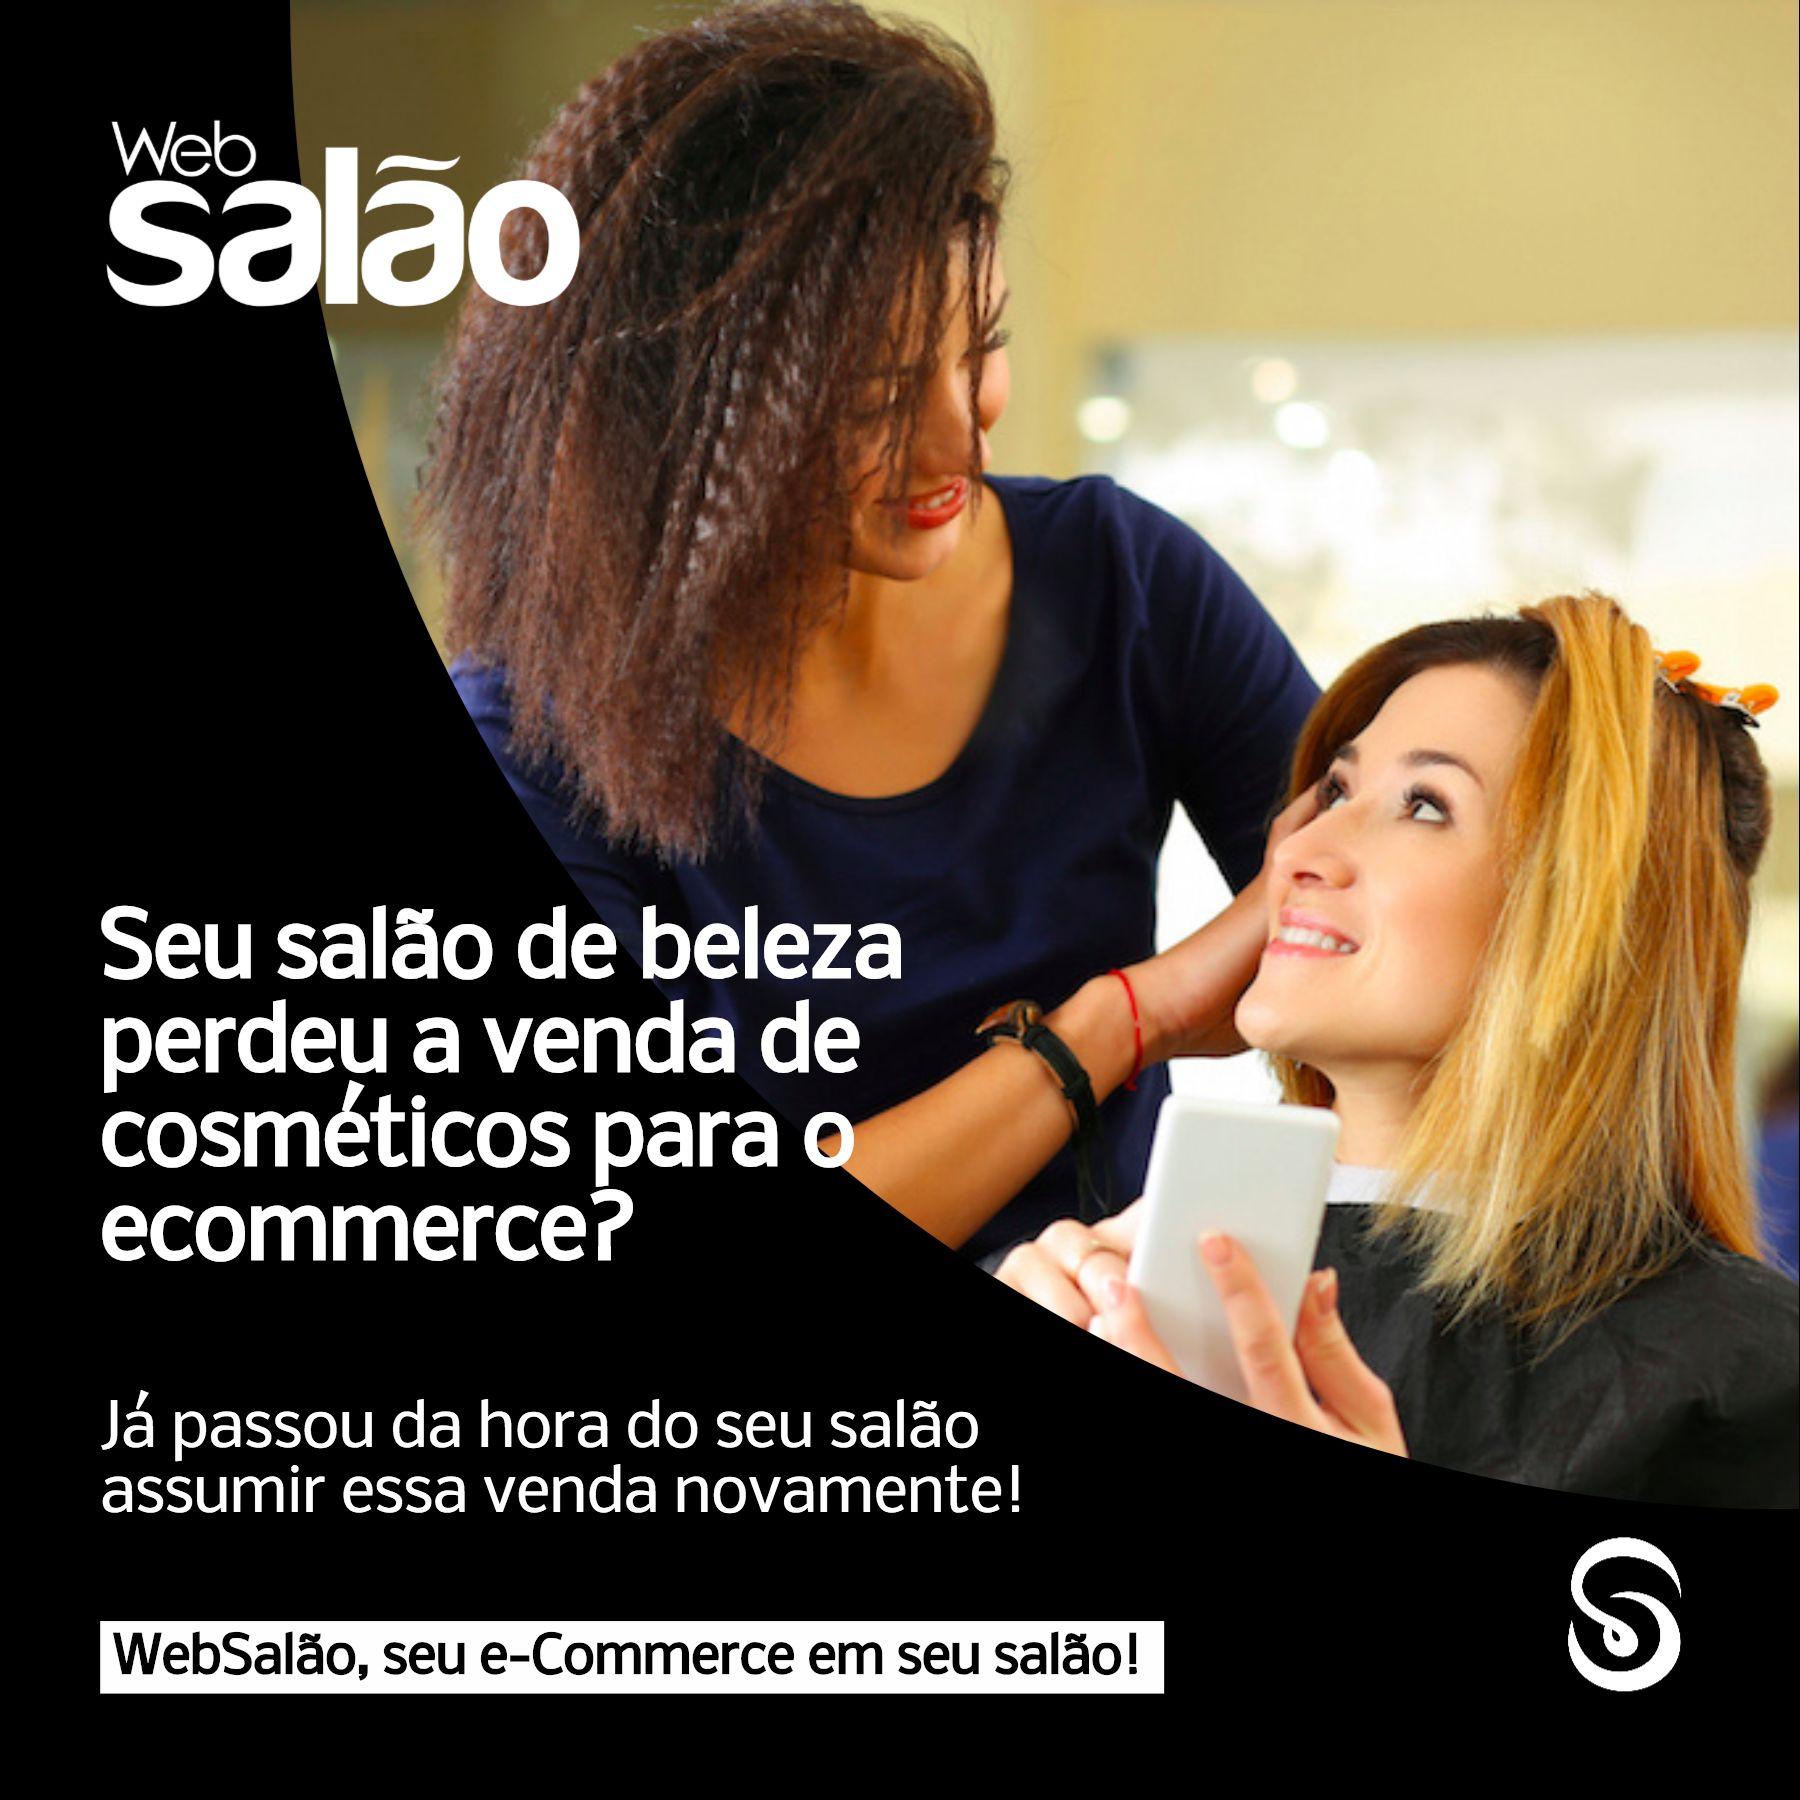 WS 02 - E-commerce Para salão de Beleza